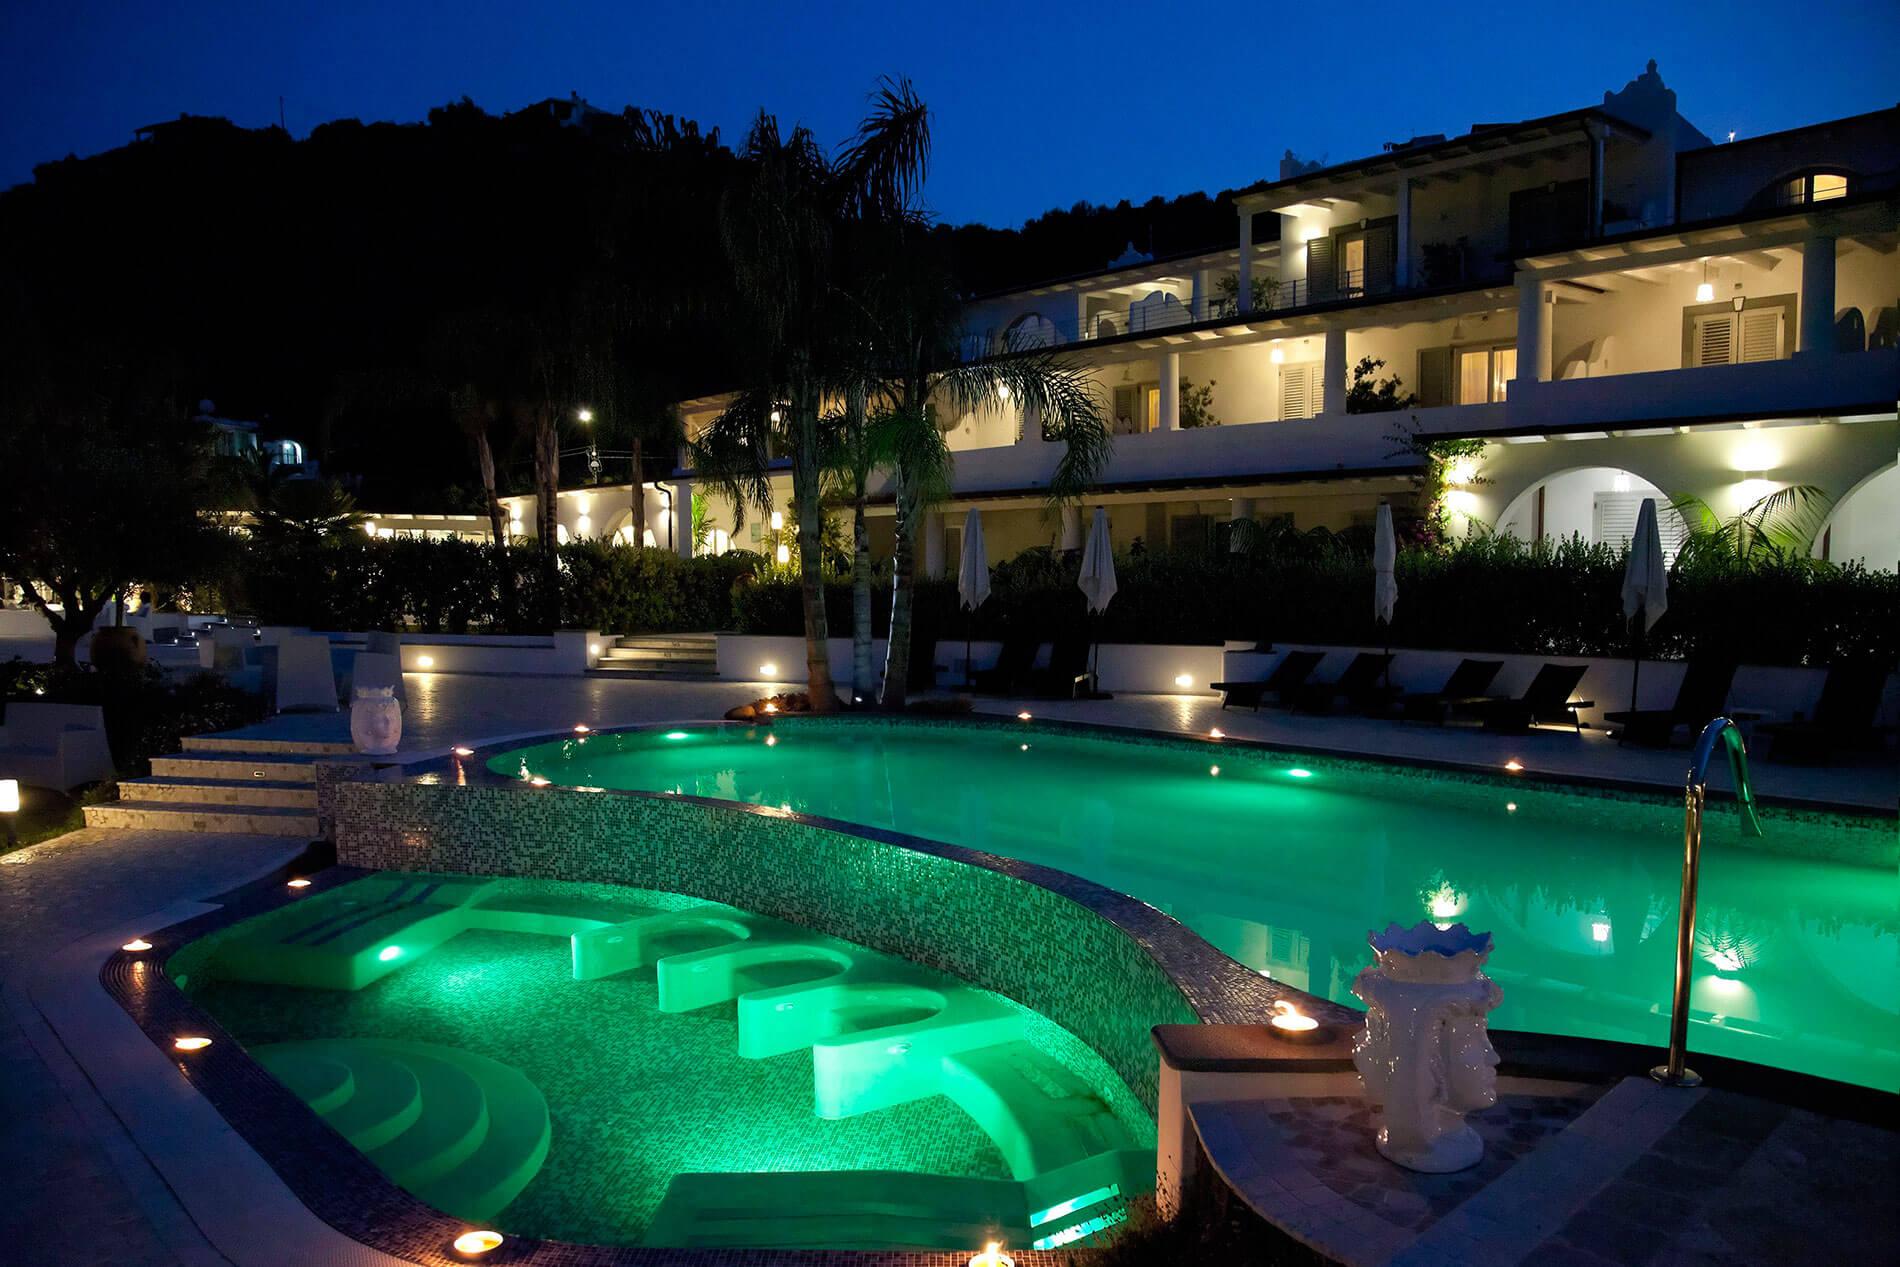 Hotel Ecoresort 5* desde sólo 59€ por persona en habitación con terraza